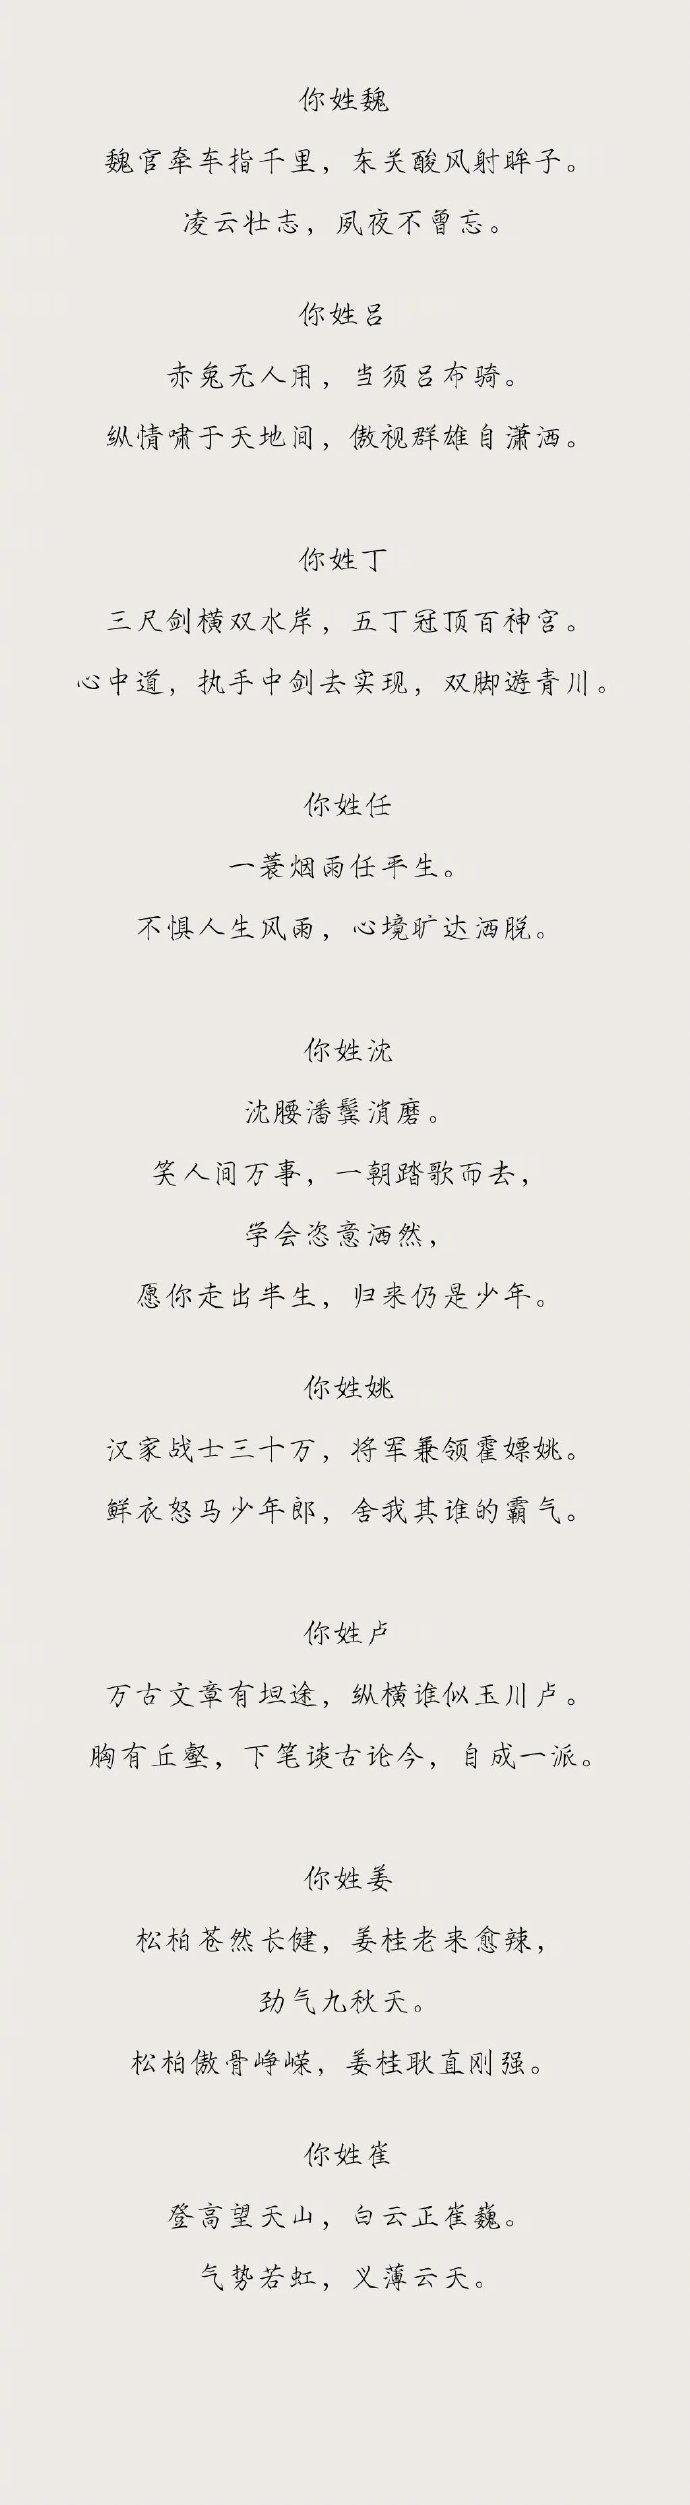 100种姓氏,100句诗句,说说属于你姓氏的经典诗句?